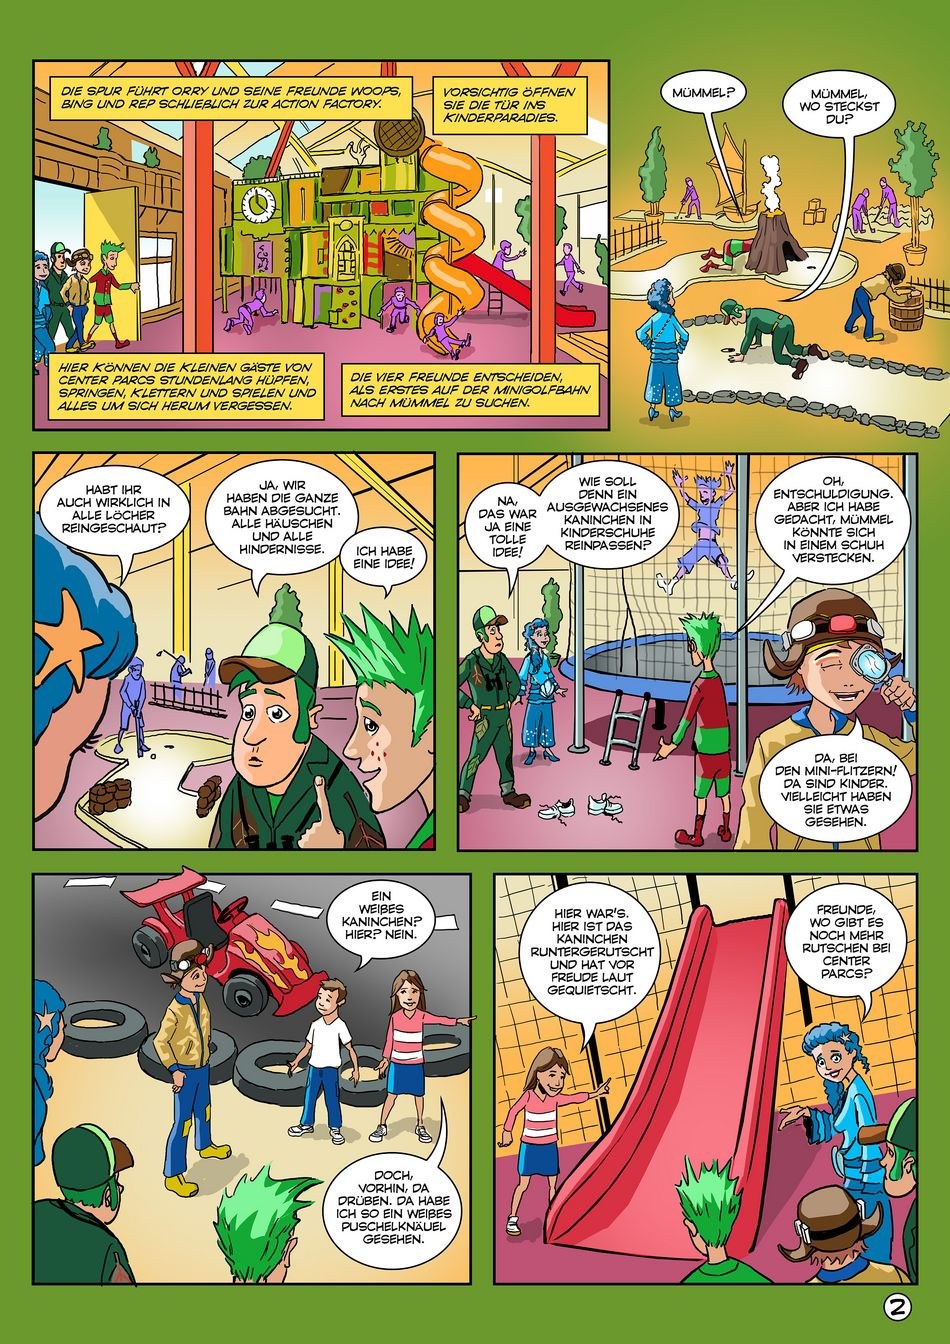 Zweite Seite des Orry-Comics von Center Parcs